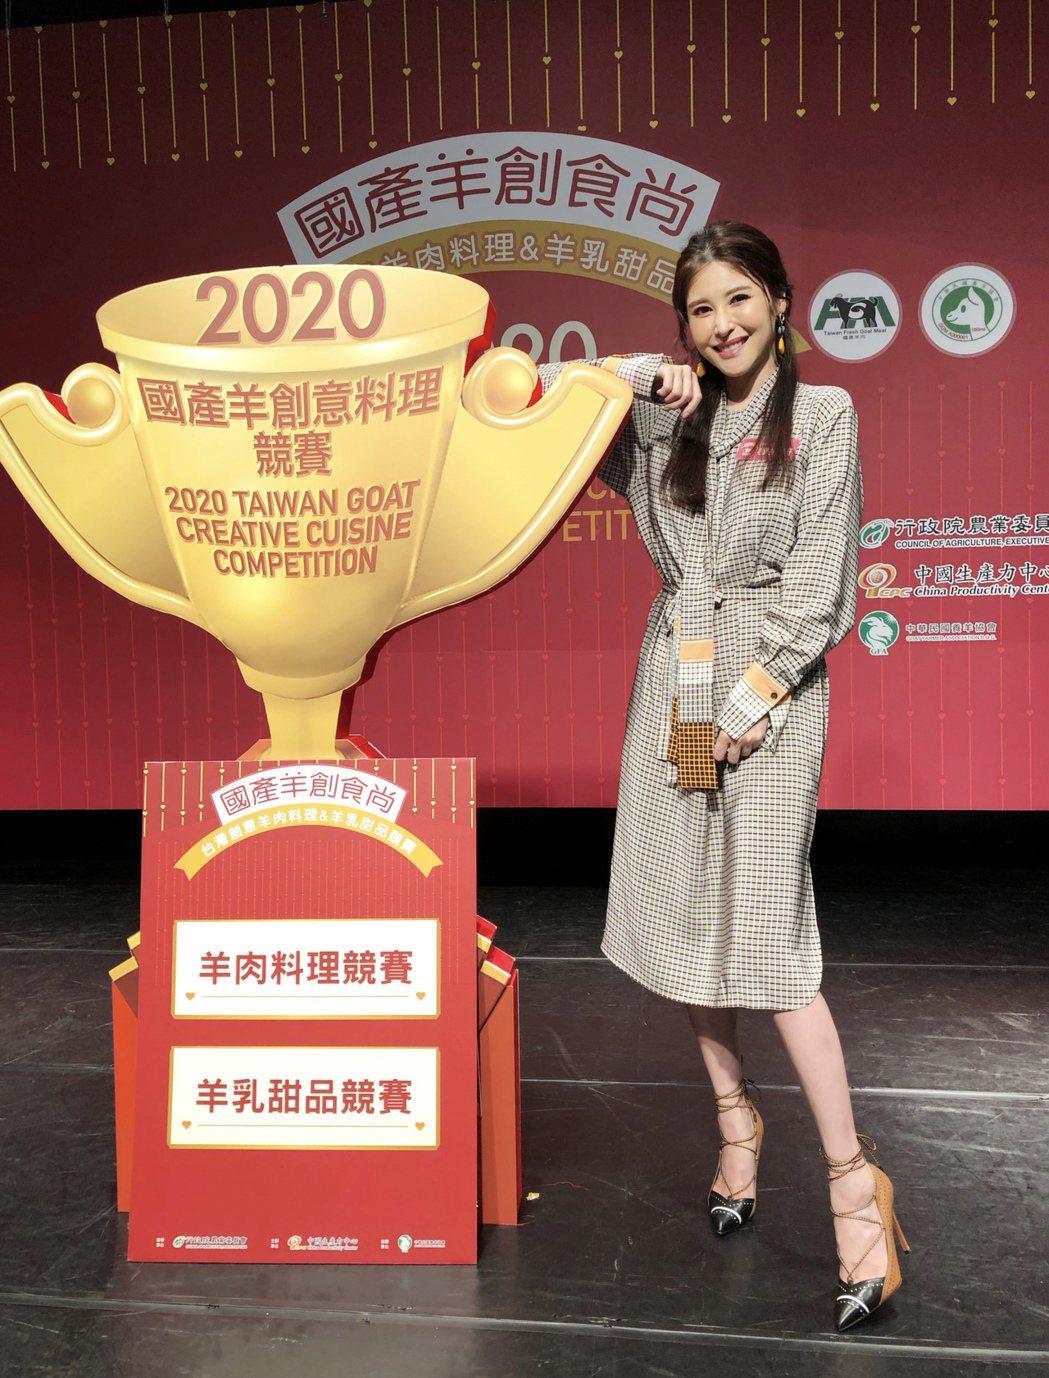 穆熙妍受邀擔任「國產羊創意料理競賽推廣大使」。圖/年代提供